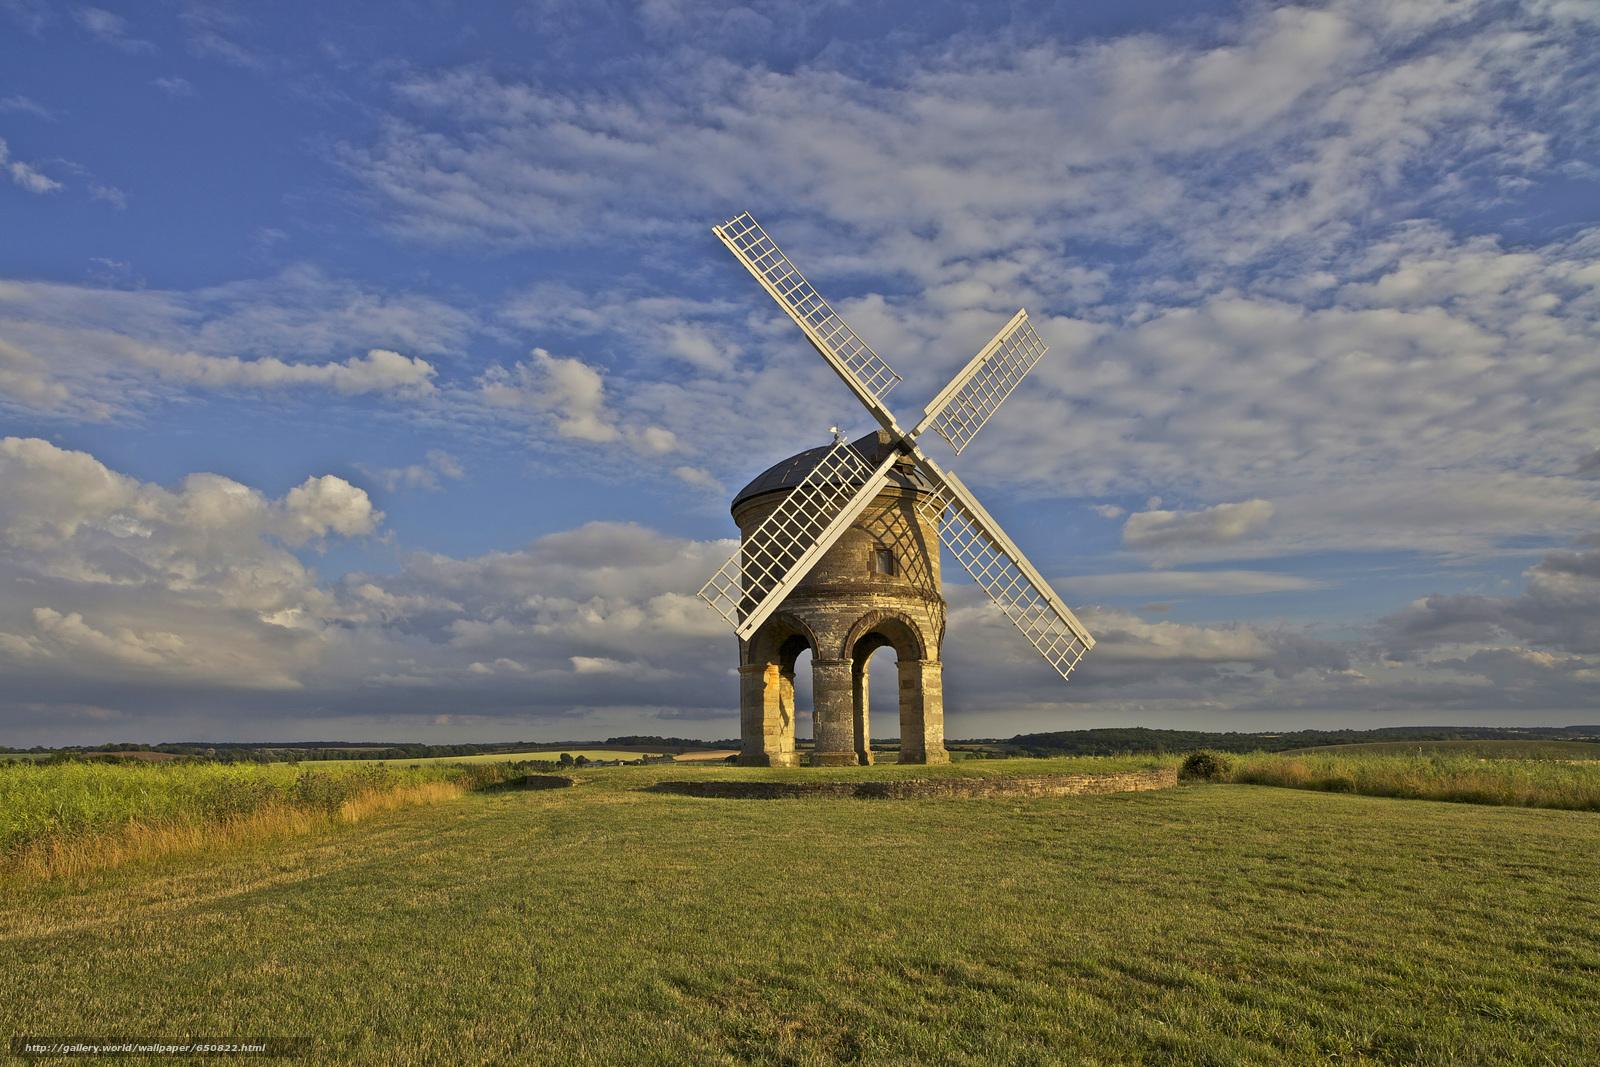 Скачать обои Честертон ветряная мельница,  Уорикшир,  Великобритания,  Chesterton Windmill бесплатно для рабочего стола в разрешении 3600x2400 — картинка №650822